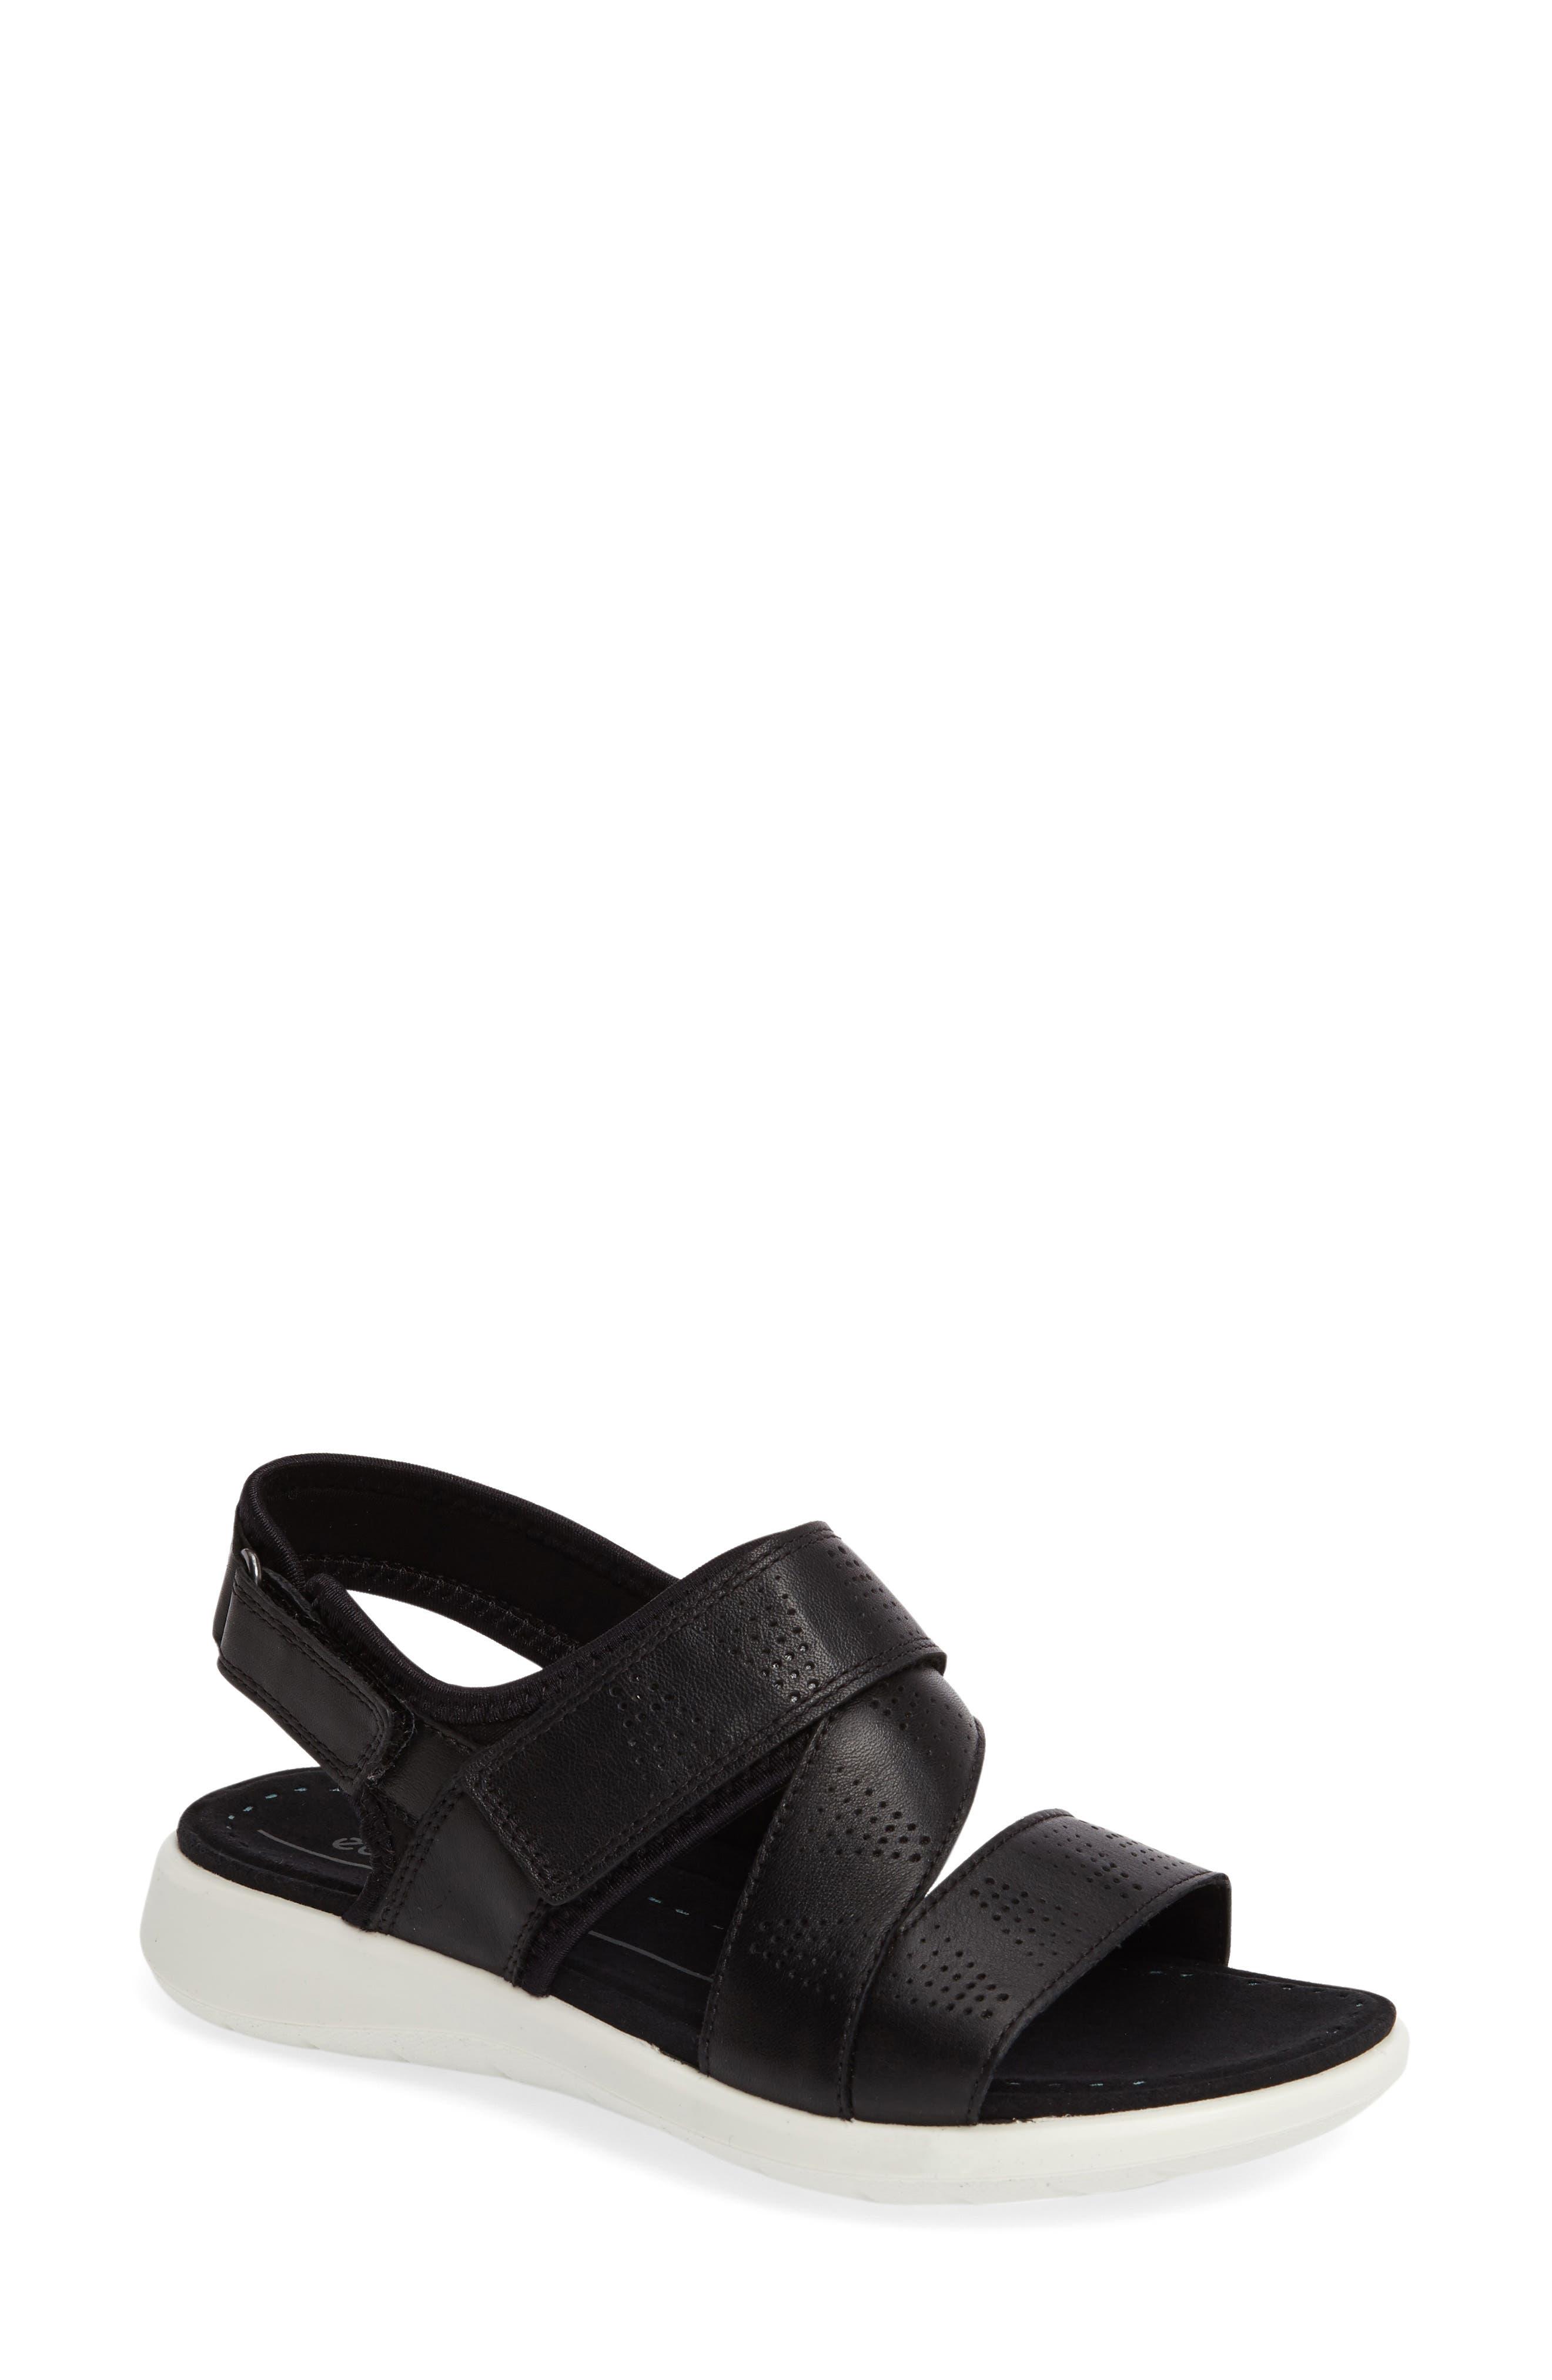 Soft 5 Sandal,                         Main,                         color, 001